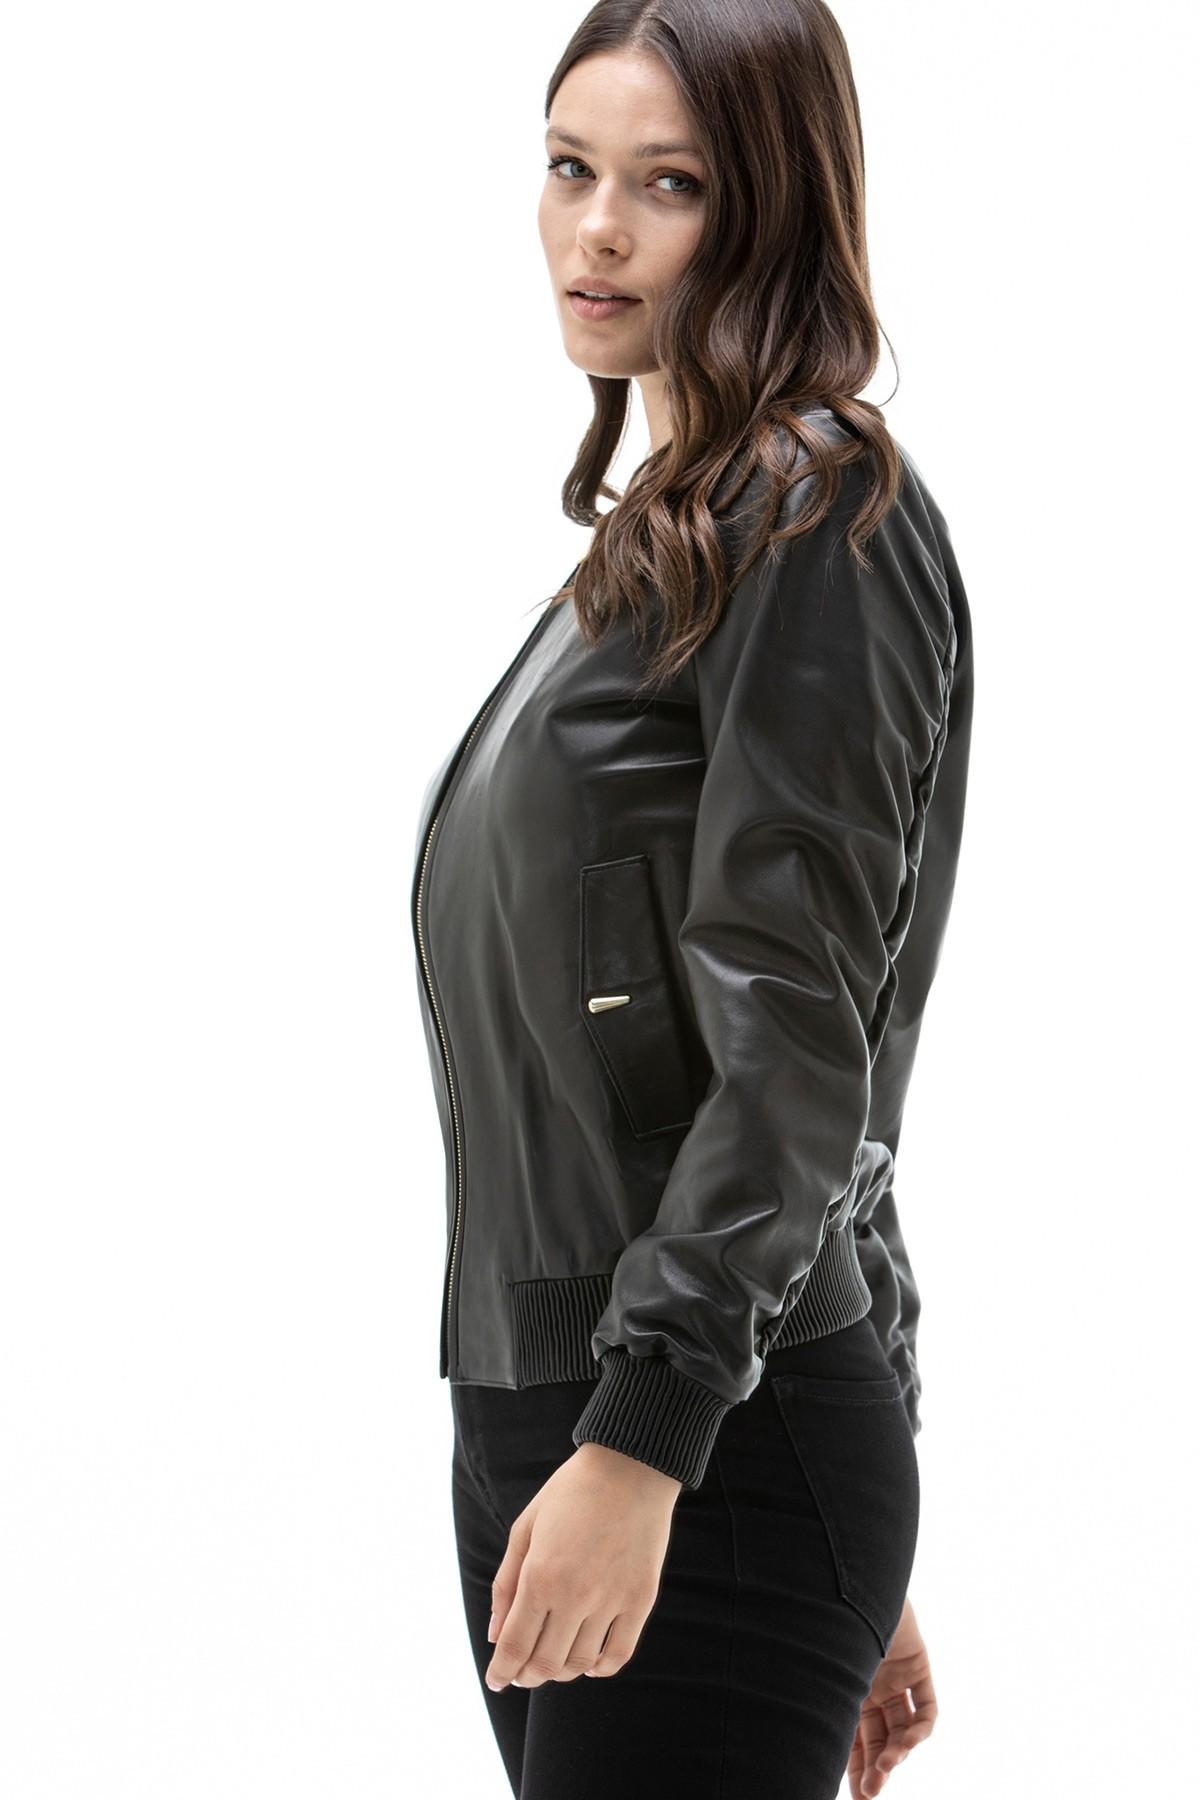 Black Long Leather Jacket